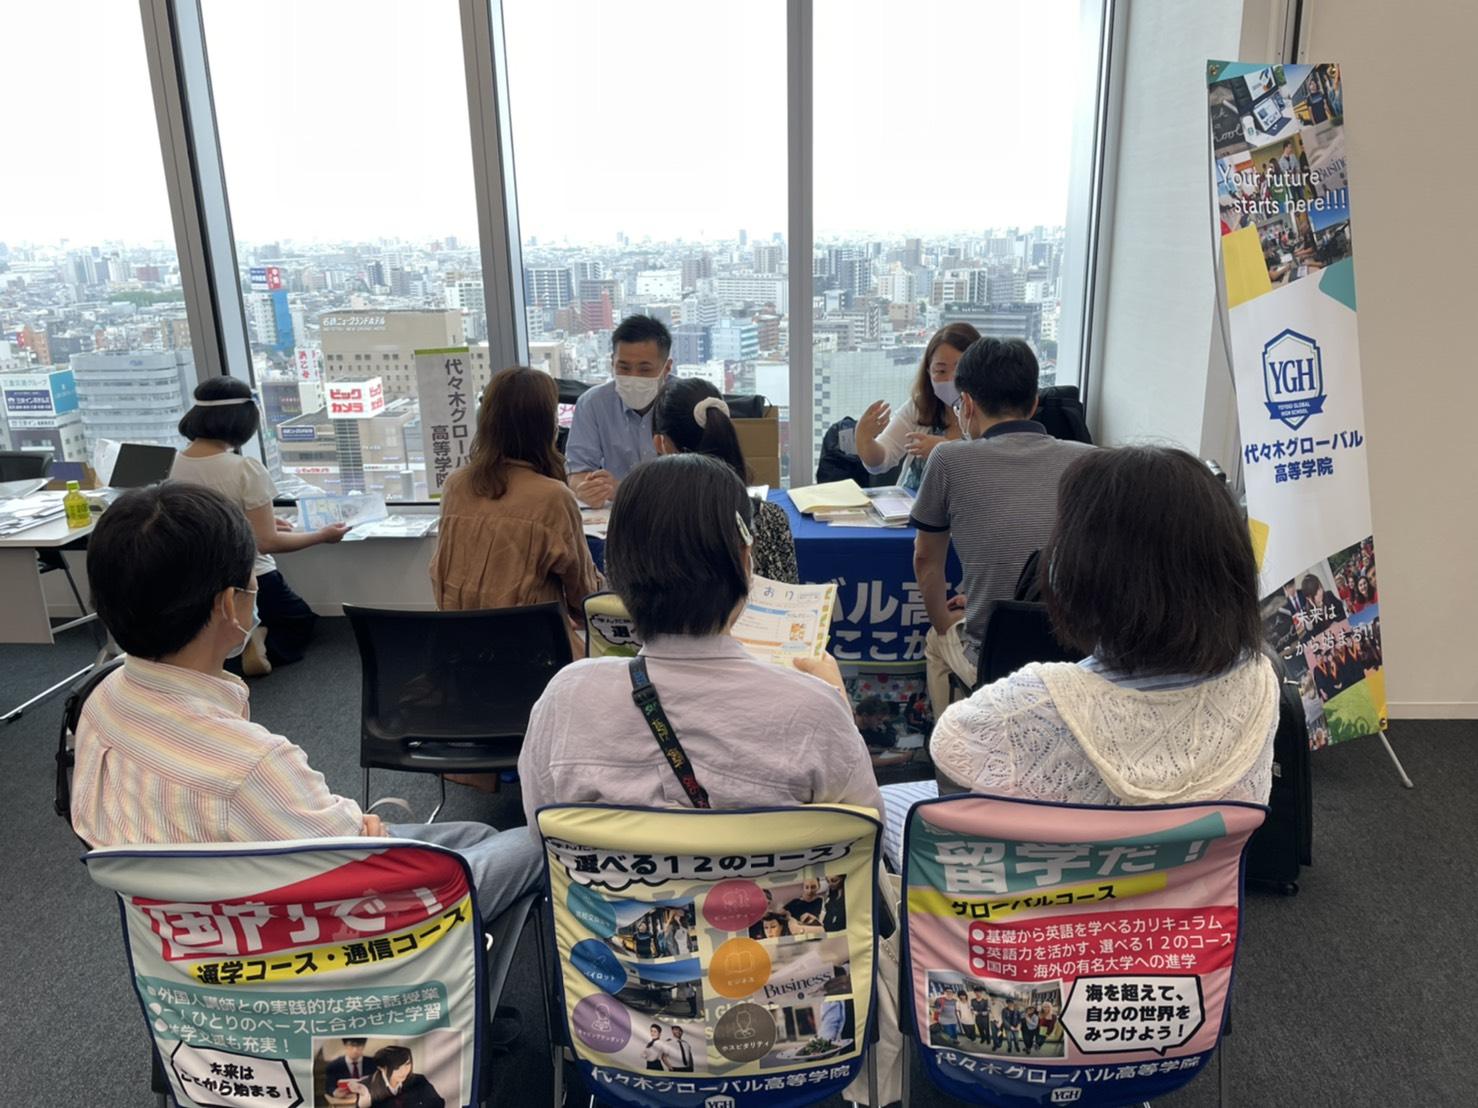 【合同説明会】7月4日名古屋会場の説明会に参加しました!   代々木グローバル高等学院[公式]